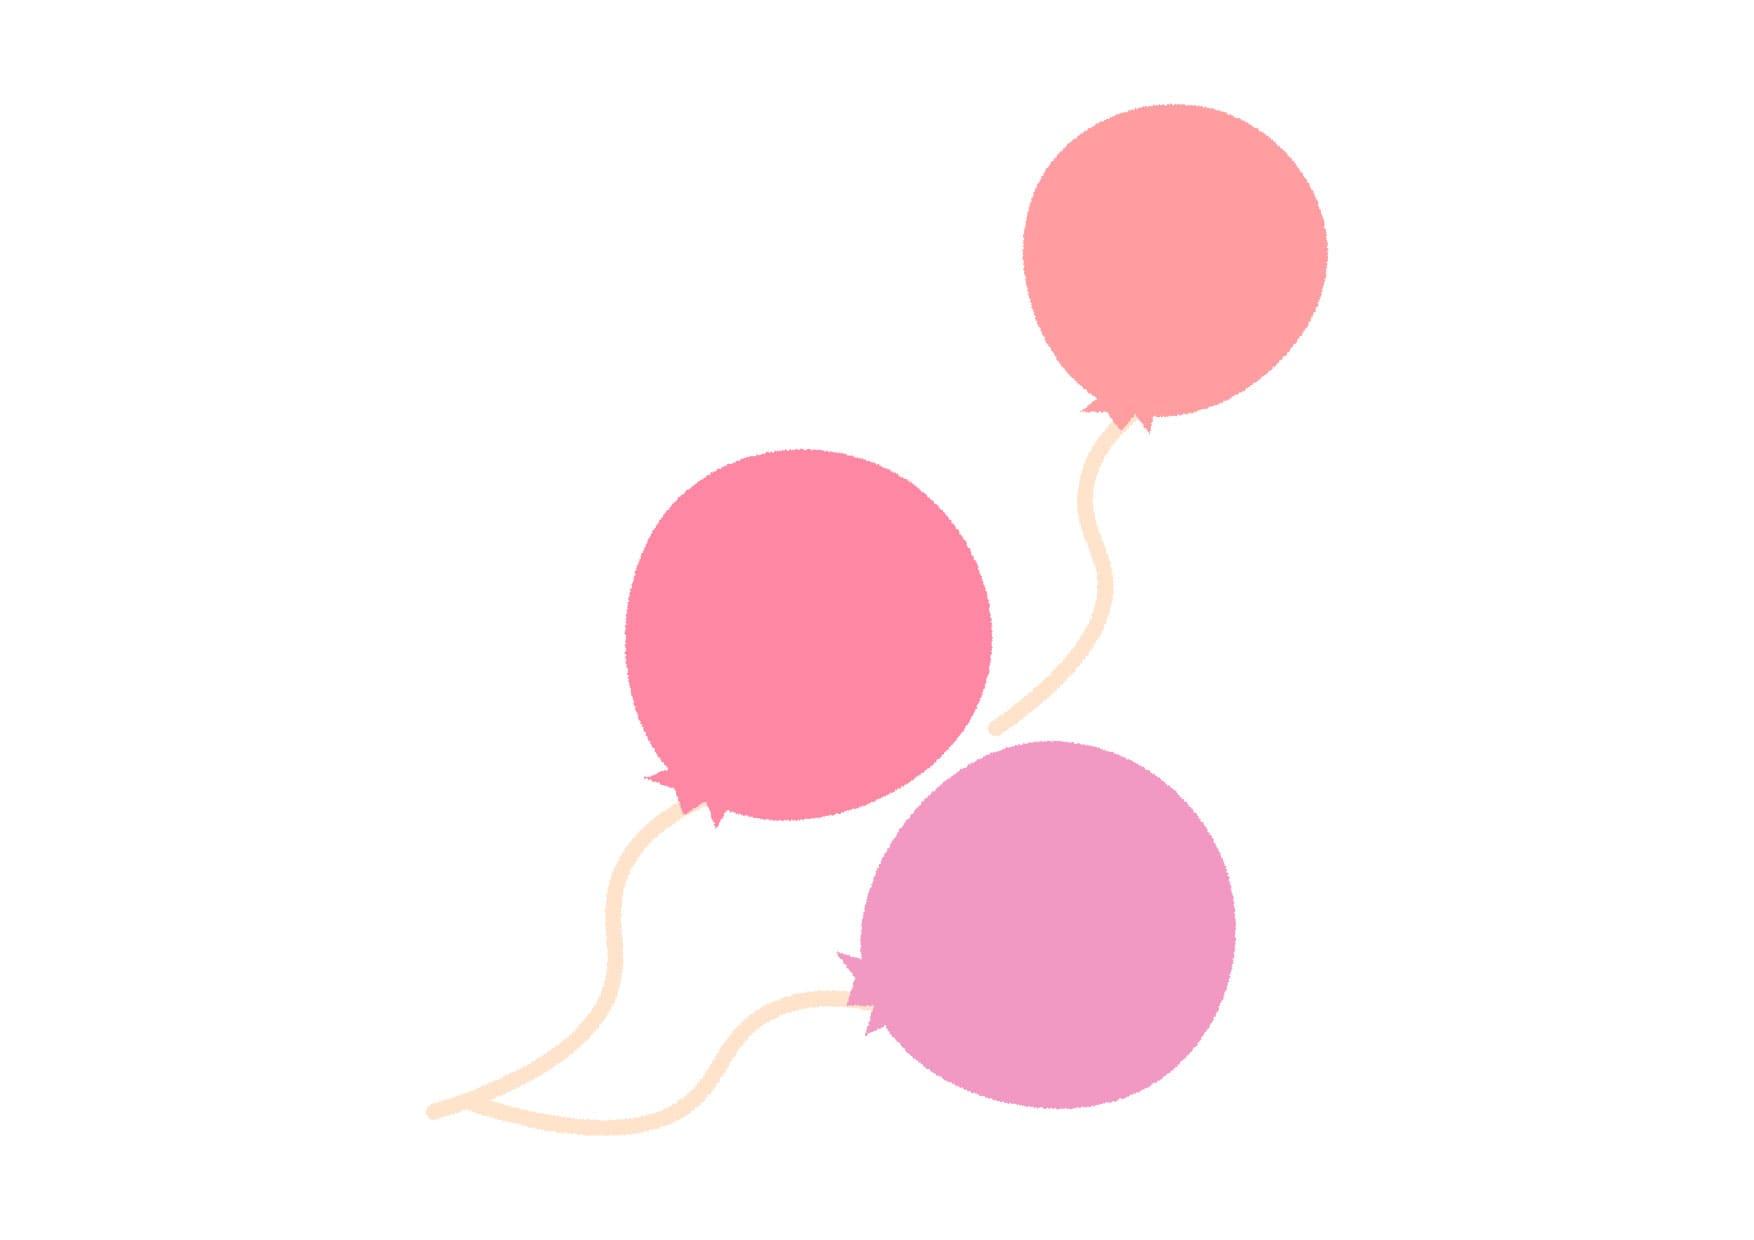 可愛いイラスト無料|風船 ピンク − free illustration  Balloon pink